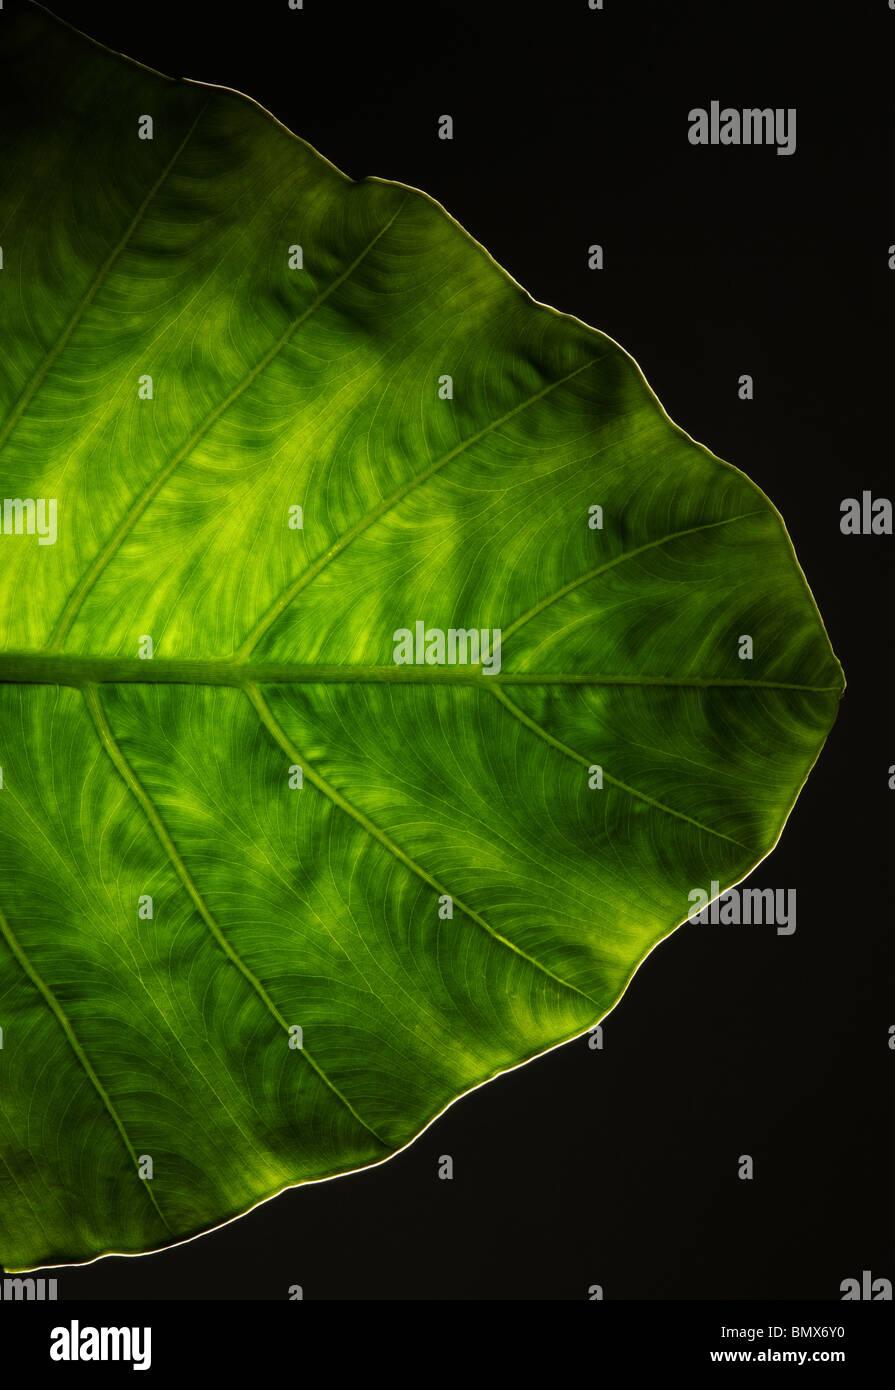 Zum Jahresende eine grüne Pflanze Blatt, schwarzer Hintergrund Stockbild